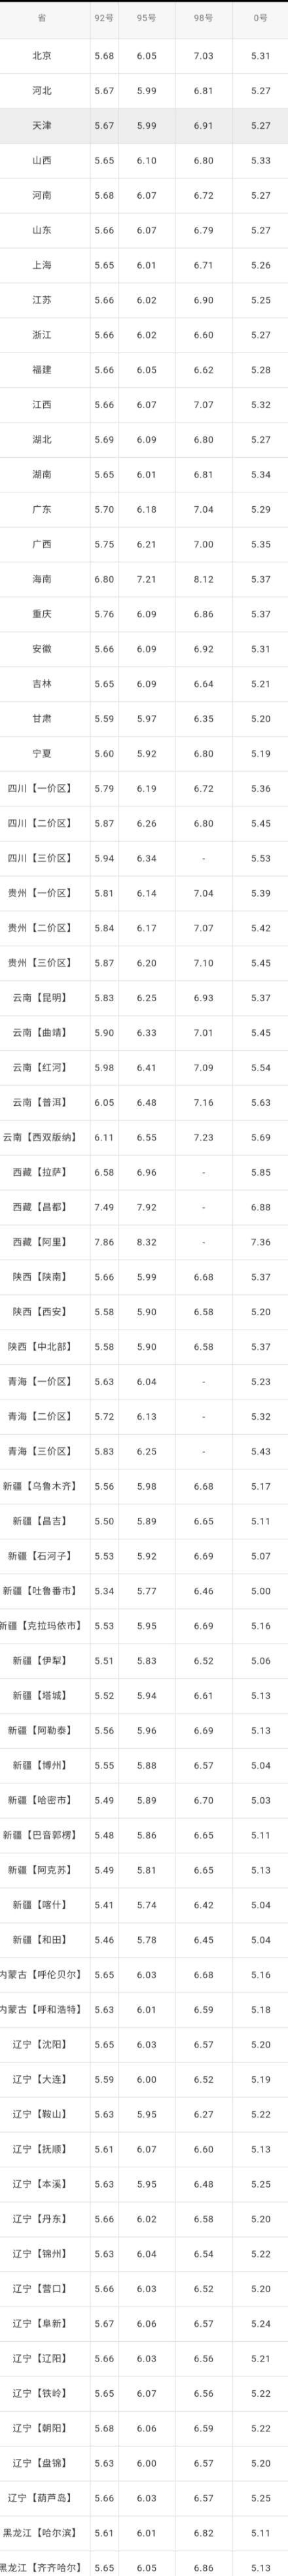 全国油价调整信息:7月15日调整后:全国92、95号汽油价格表